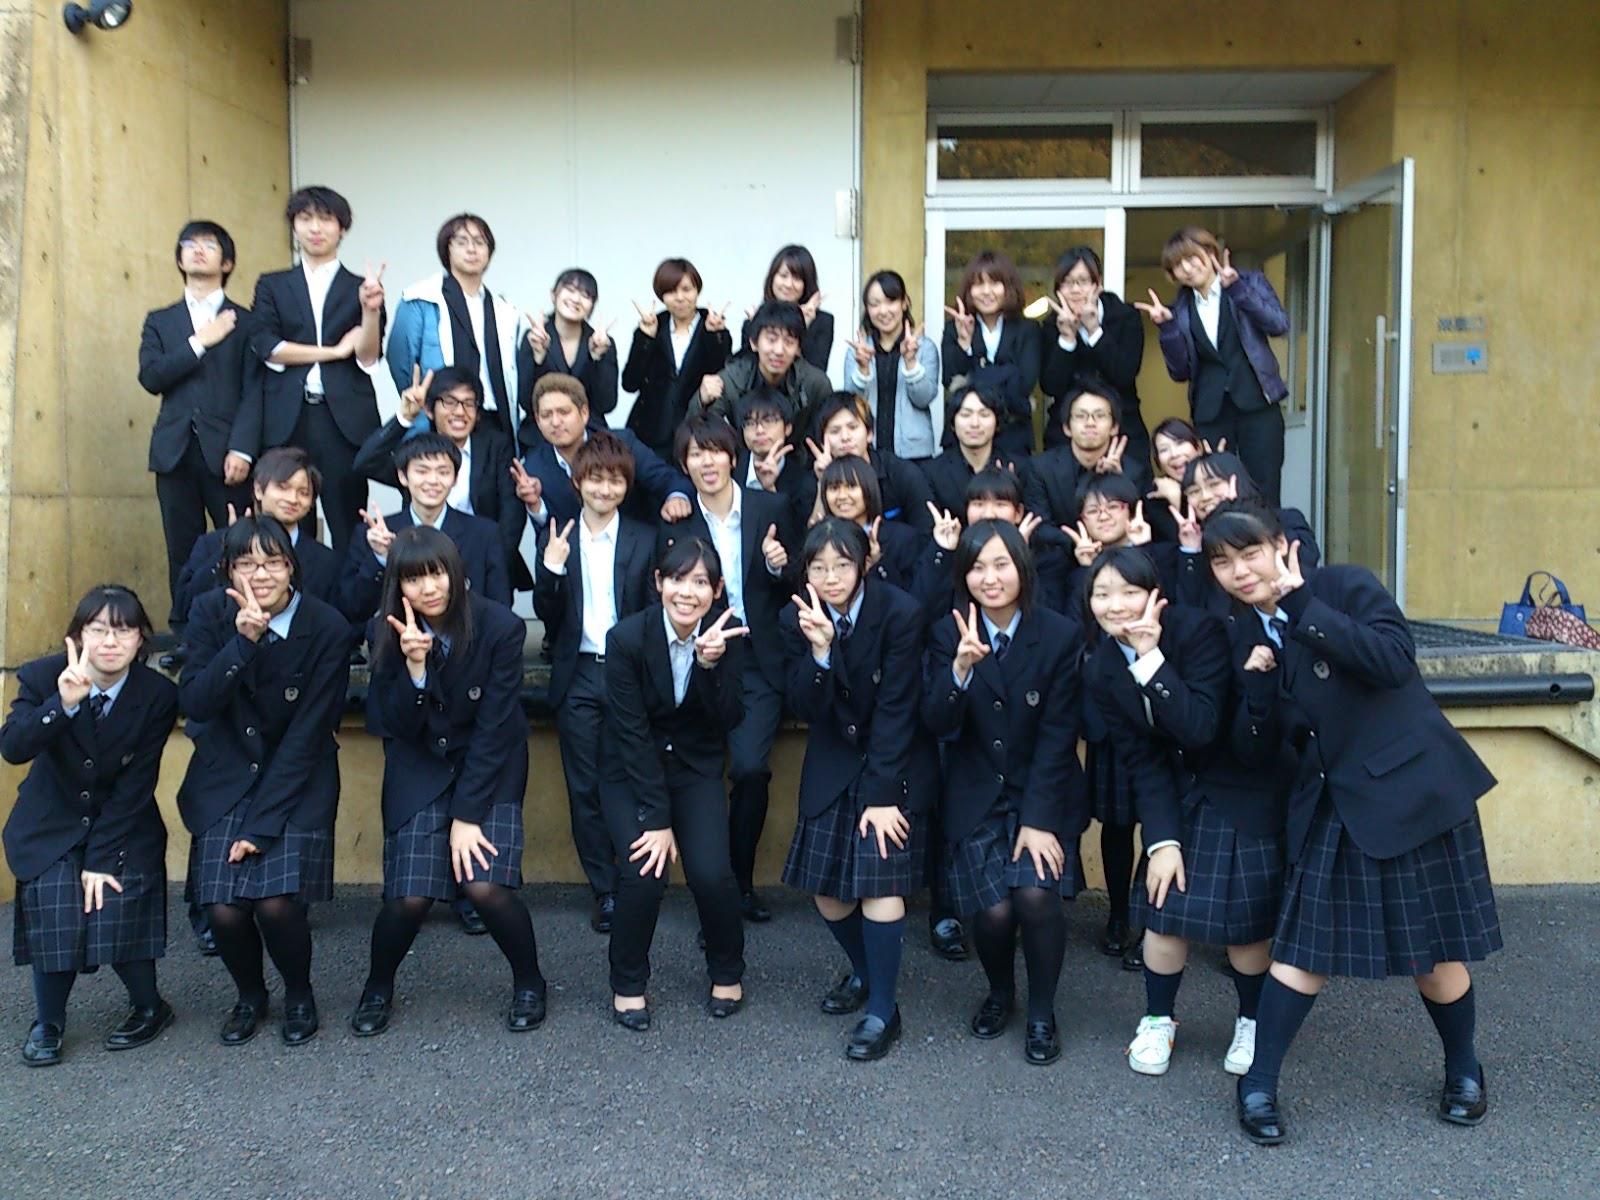 黒羽高等学校制服画像